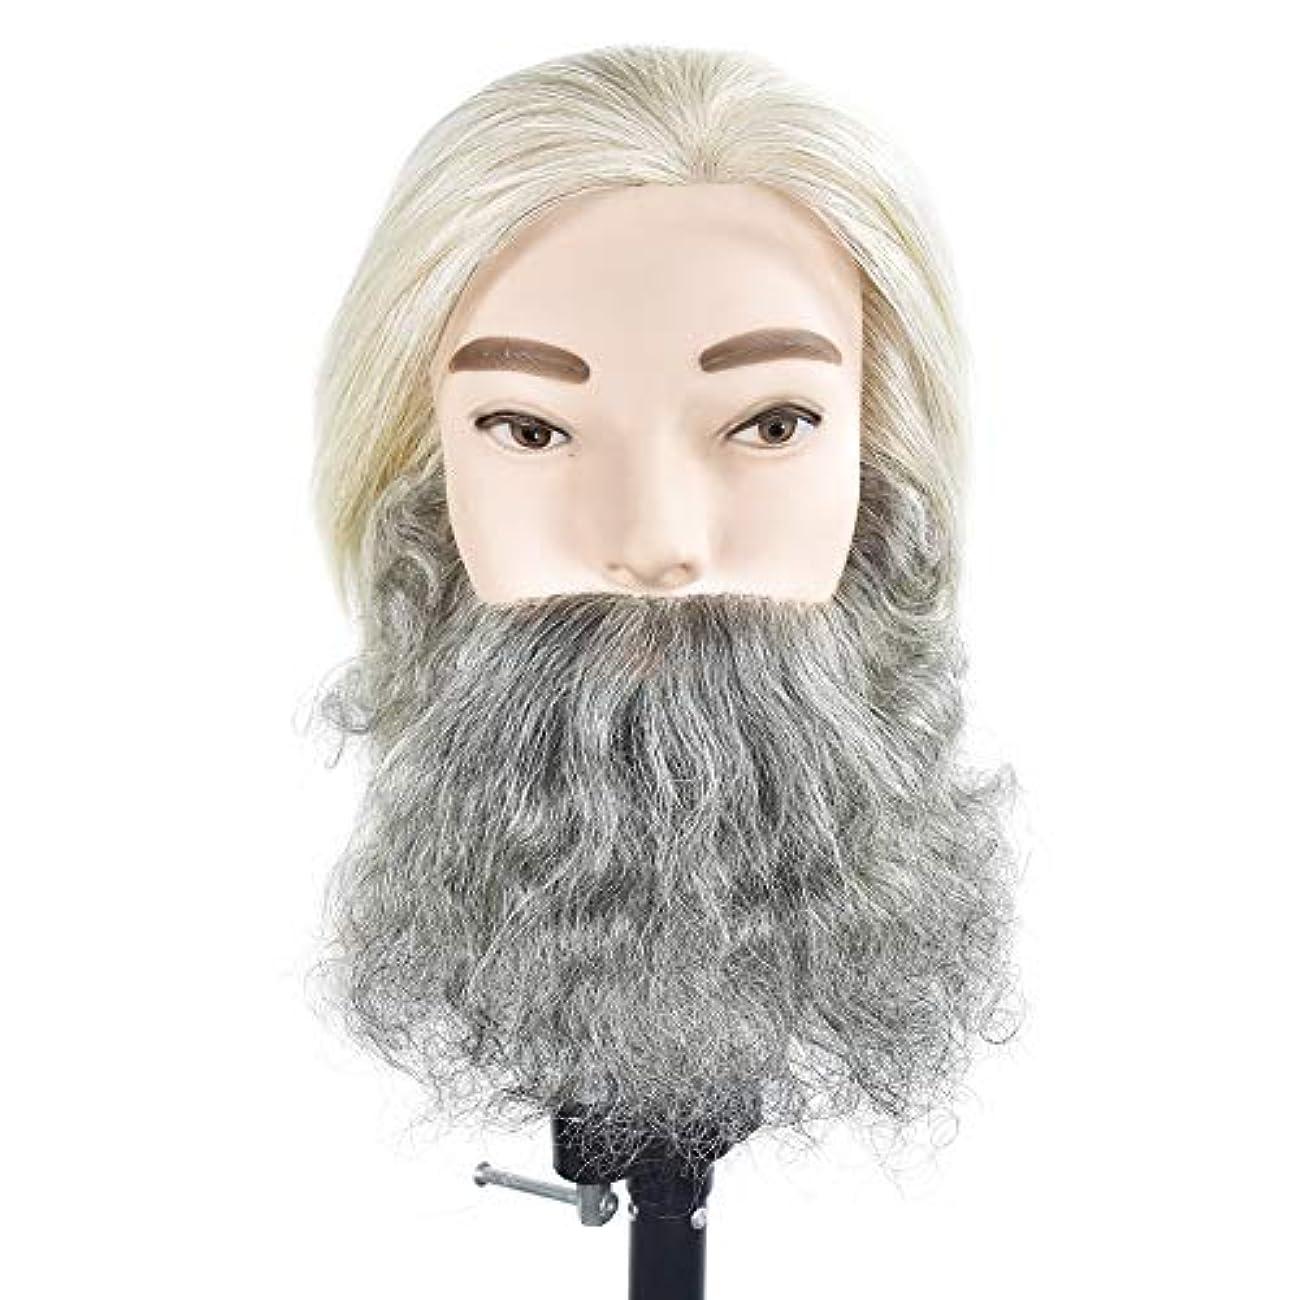 成功重力作業リアル人間の髪トレーニングヘッドパーマ髪モデル髪染め理髪ダミーヘッドトリミングひげ学習ヘッドモデル